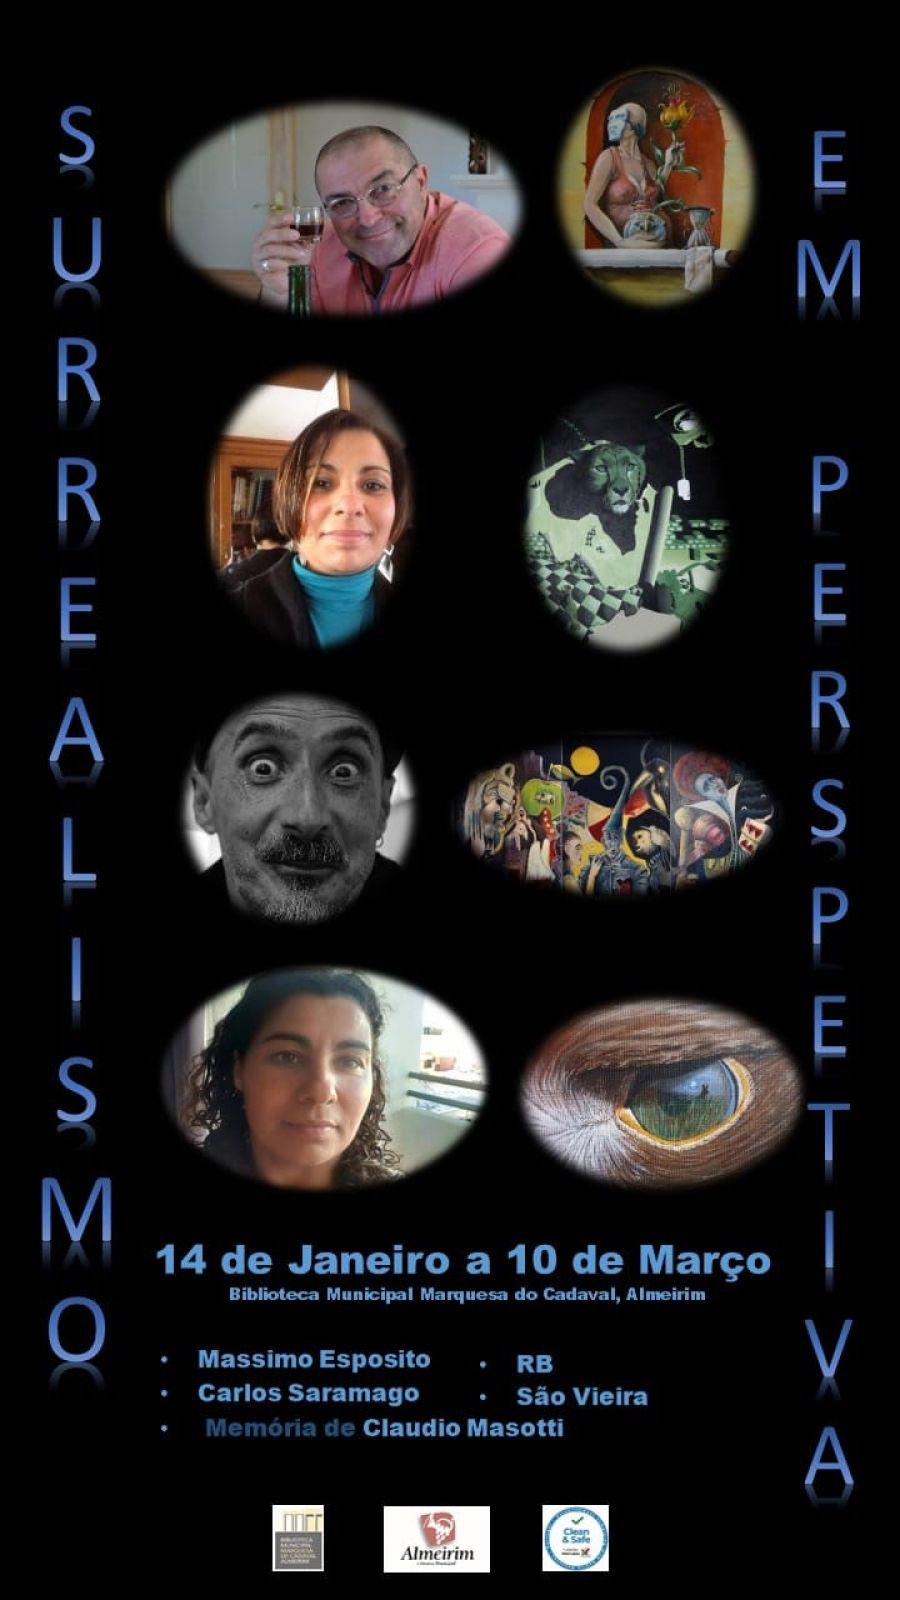 Exposição de pintura- coletiva | Surrealismo em perspetiva | 14 a 10 de Março 2021 | Biblioteca Municipal Marquesa do Cadaval, Almeirim